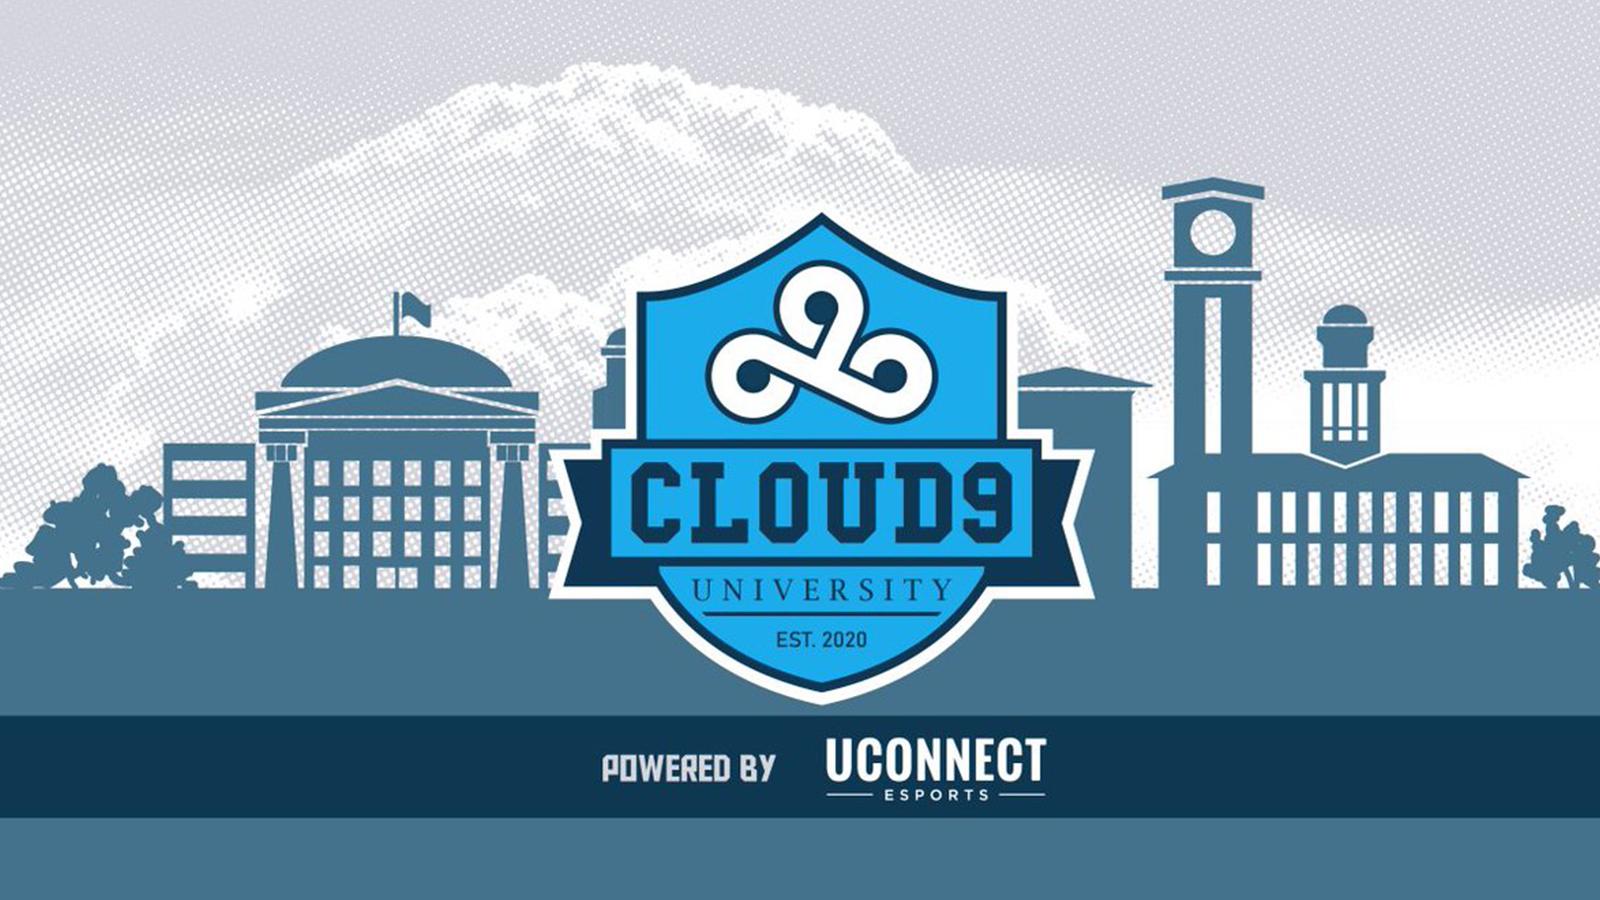 Cloud9 University Uconnect